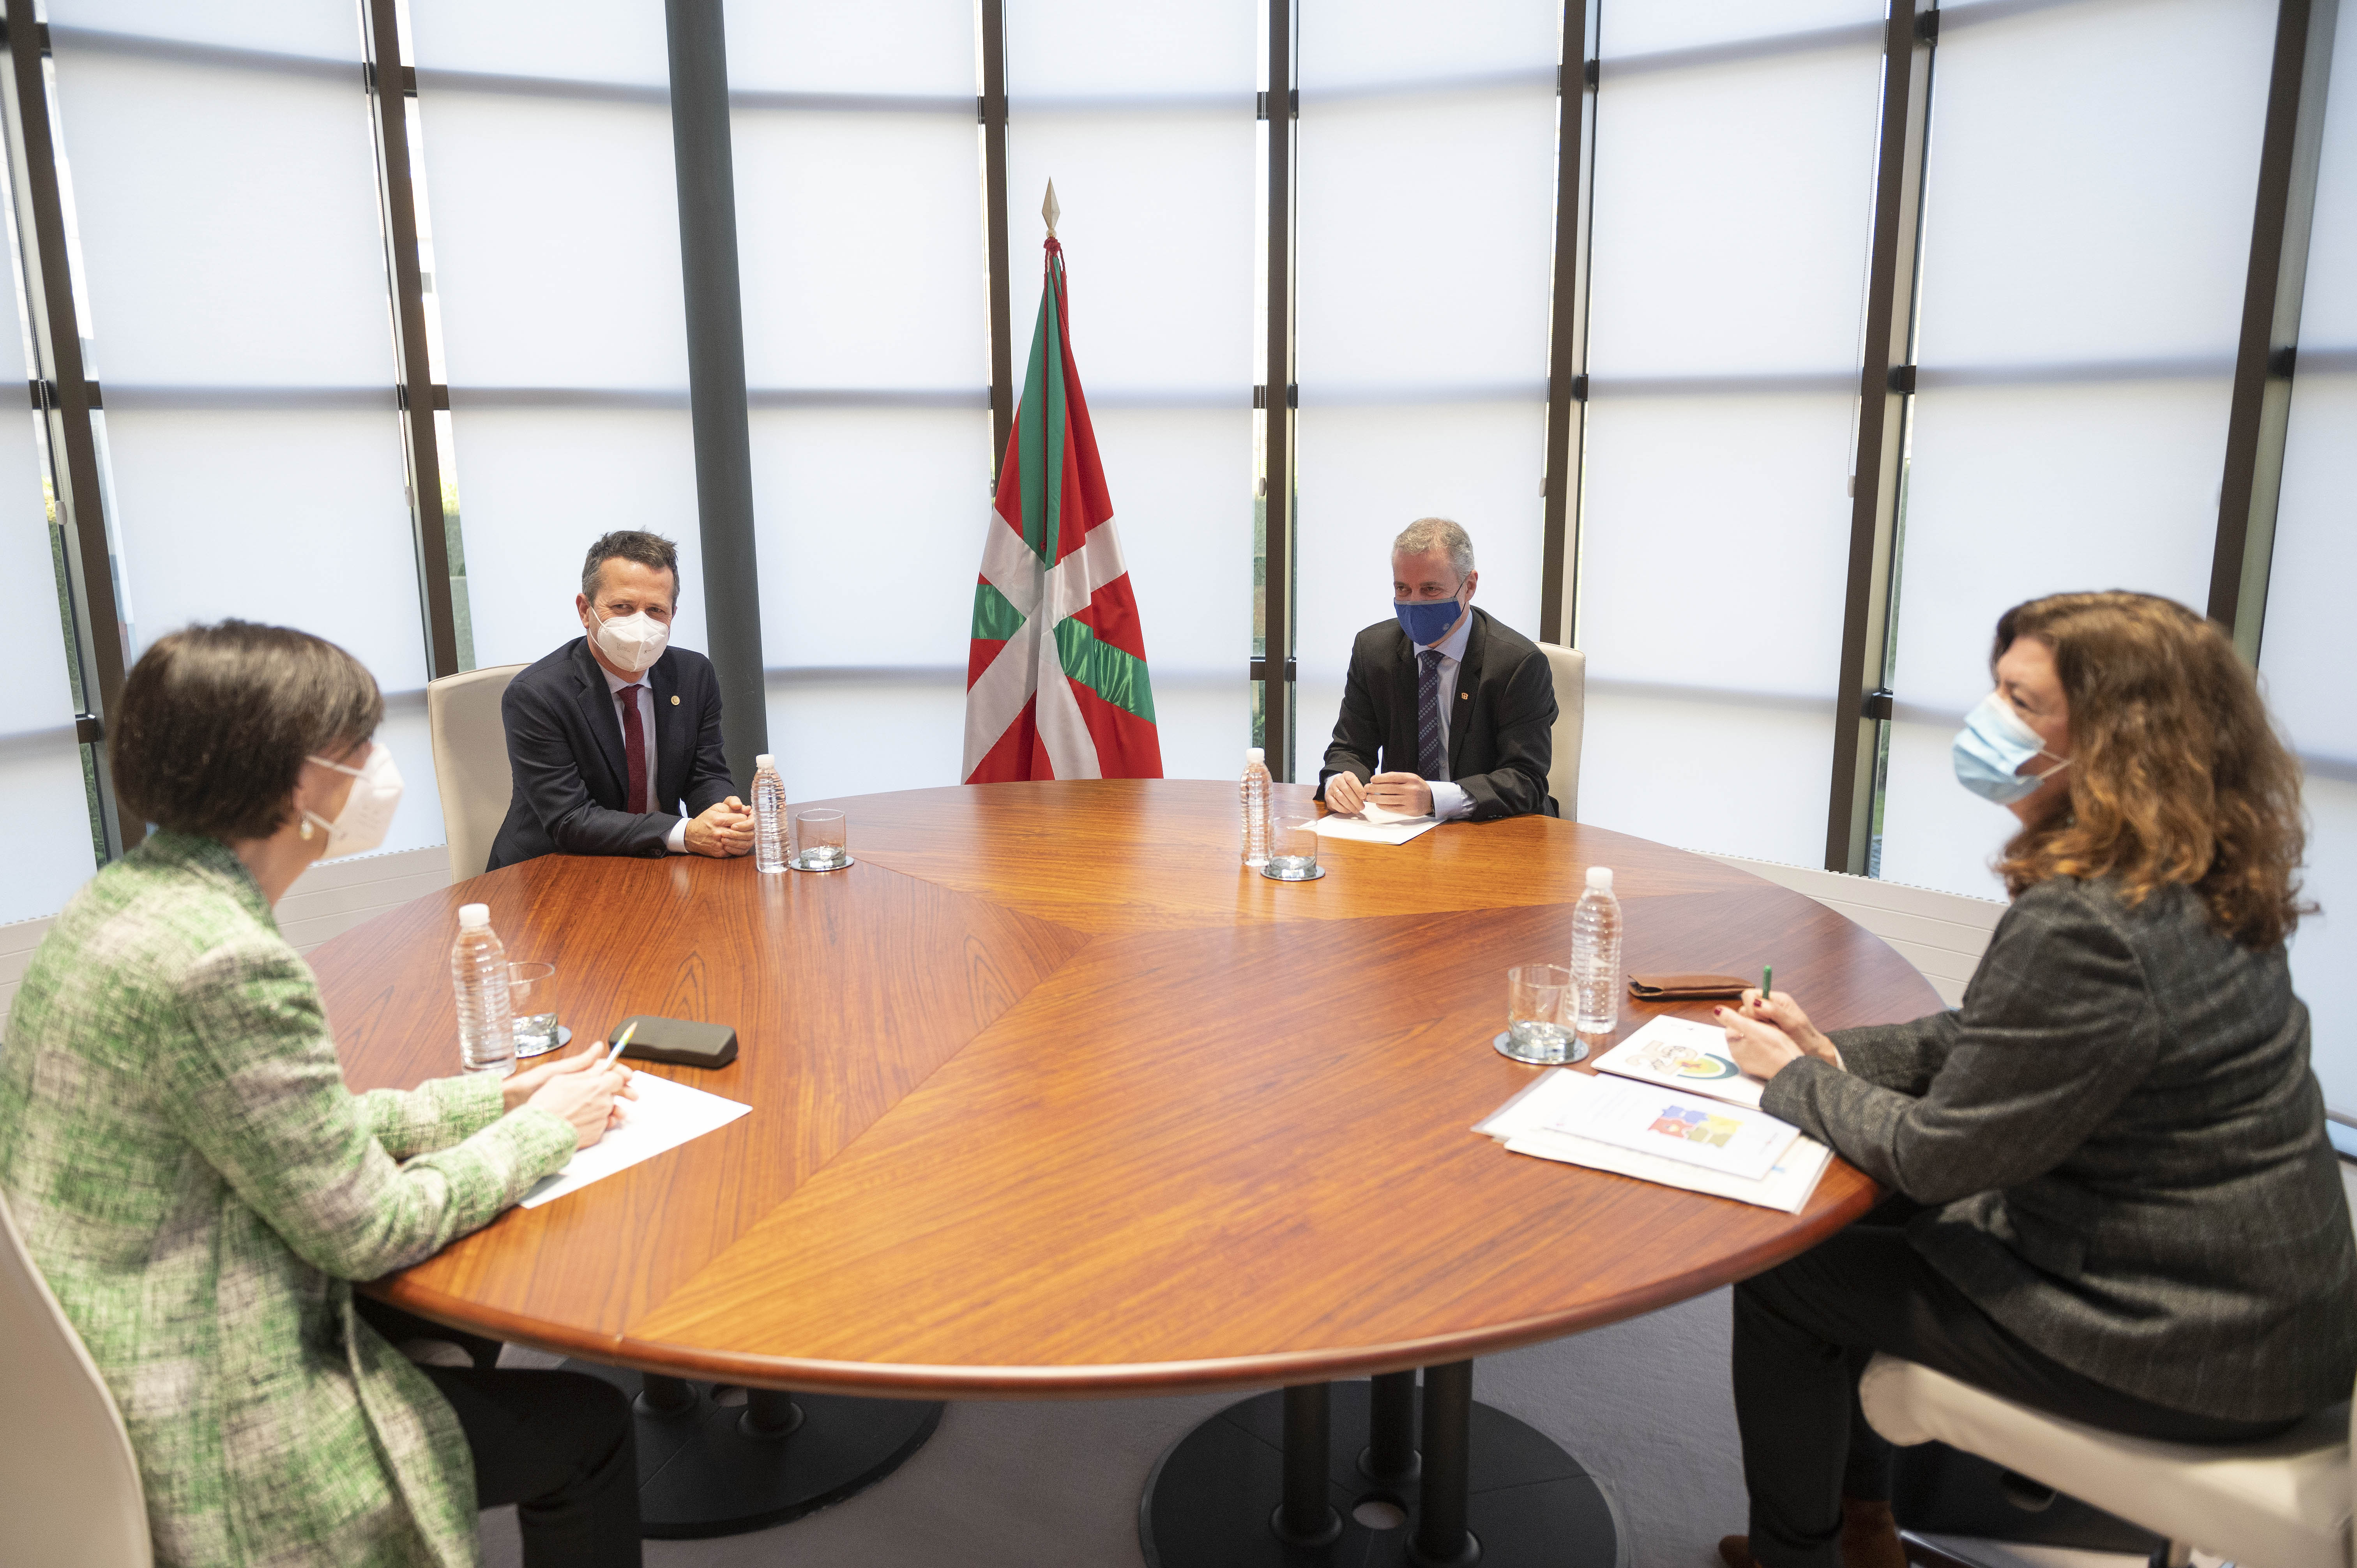 Lehendakariak Euskadiko Eskola Kontseiluaren arduradunak hartu ditu [0:53]